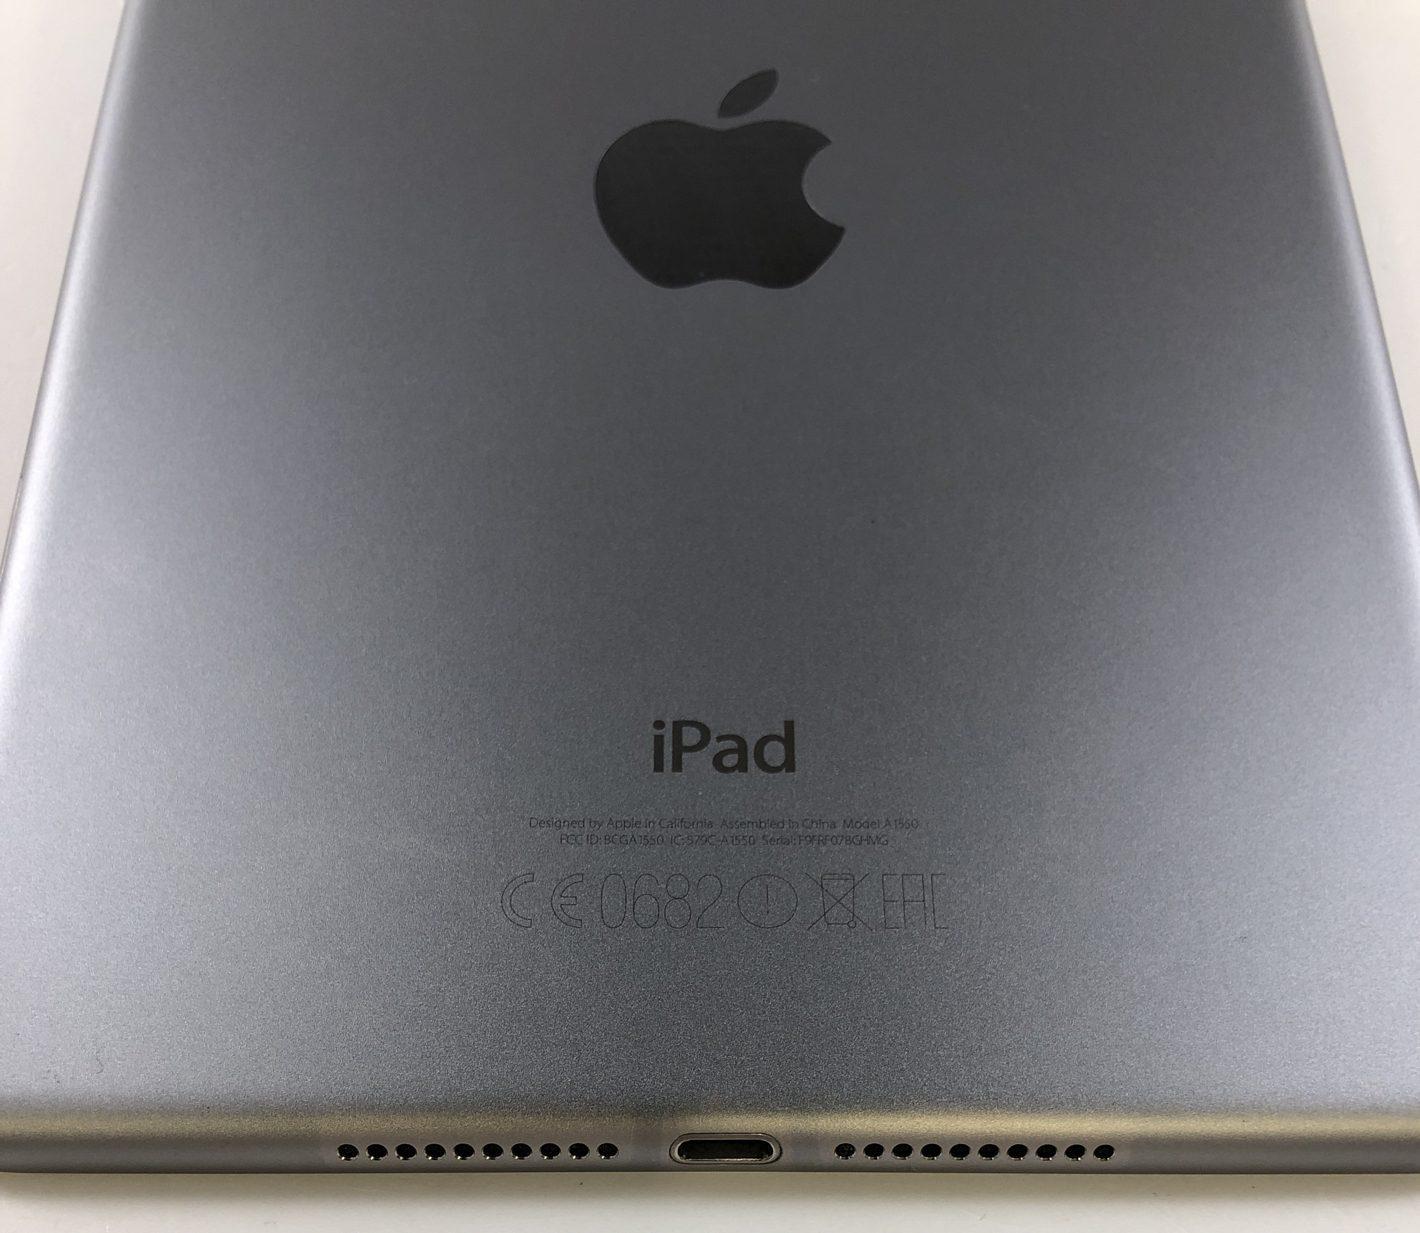 iPad mini 4 Wi-Fi + Cellular 16GB, 16GB, Space Gray, Bild 5